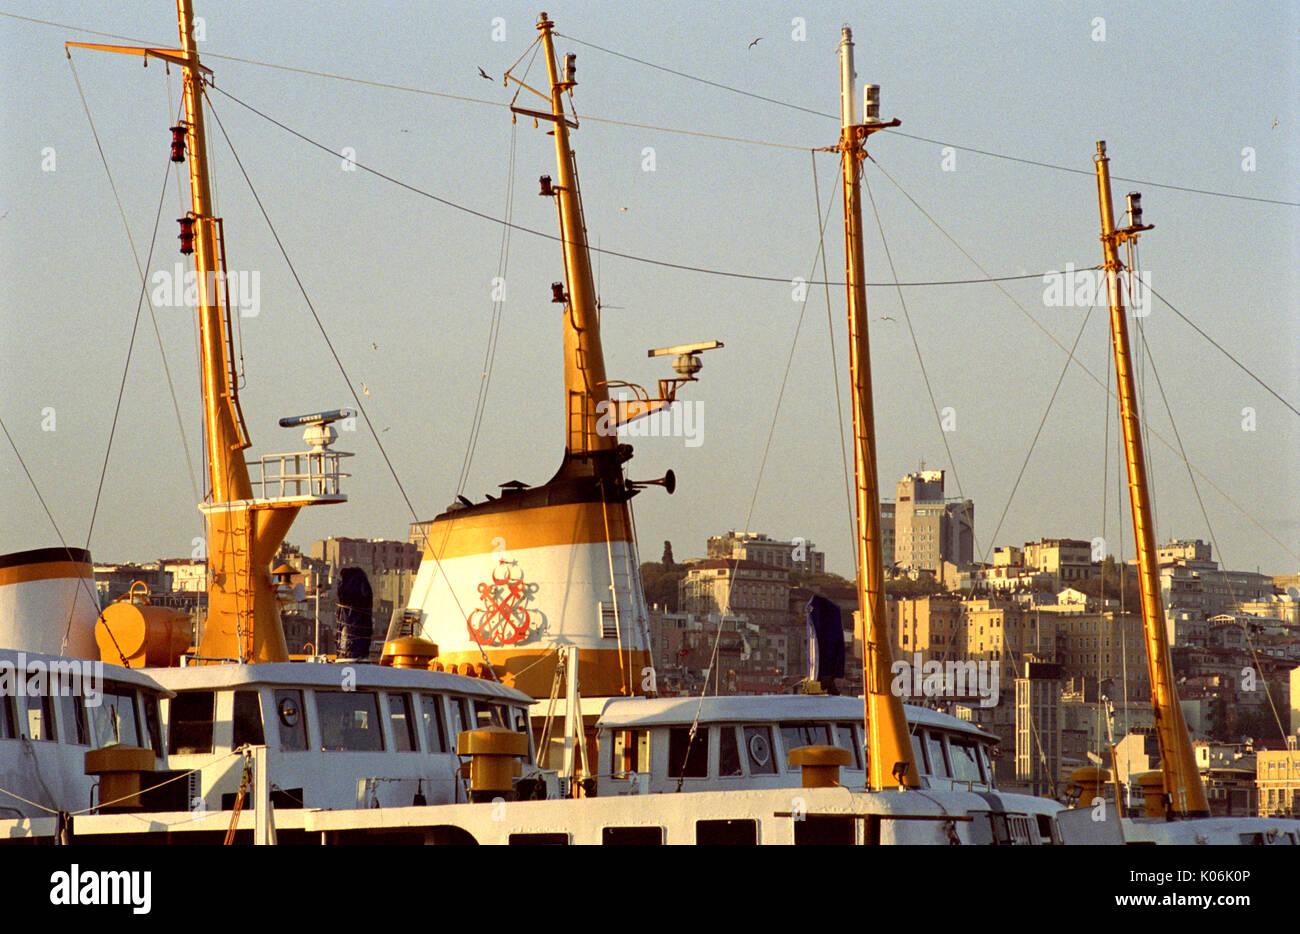 ISTANBUL FERRY - PASSERELLES ET MATS DES FERRY  - ISTANBUL HARBOUR - SILVER FILM © Frédéric BEAUMONT - Stock Image